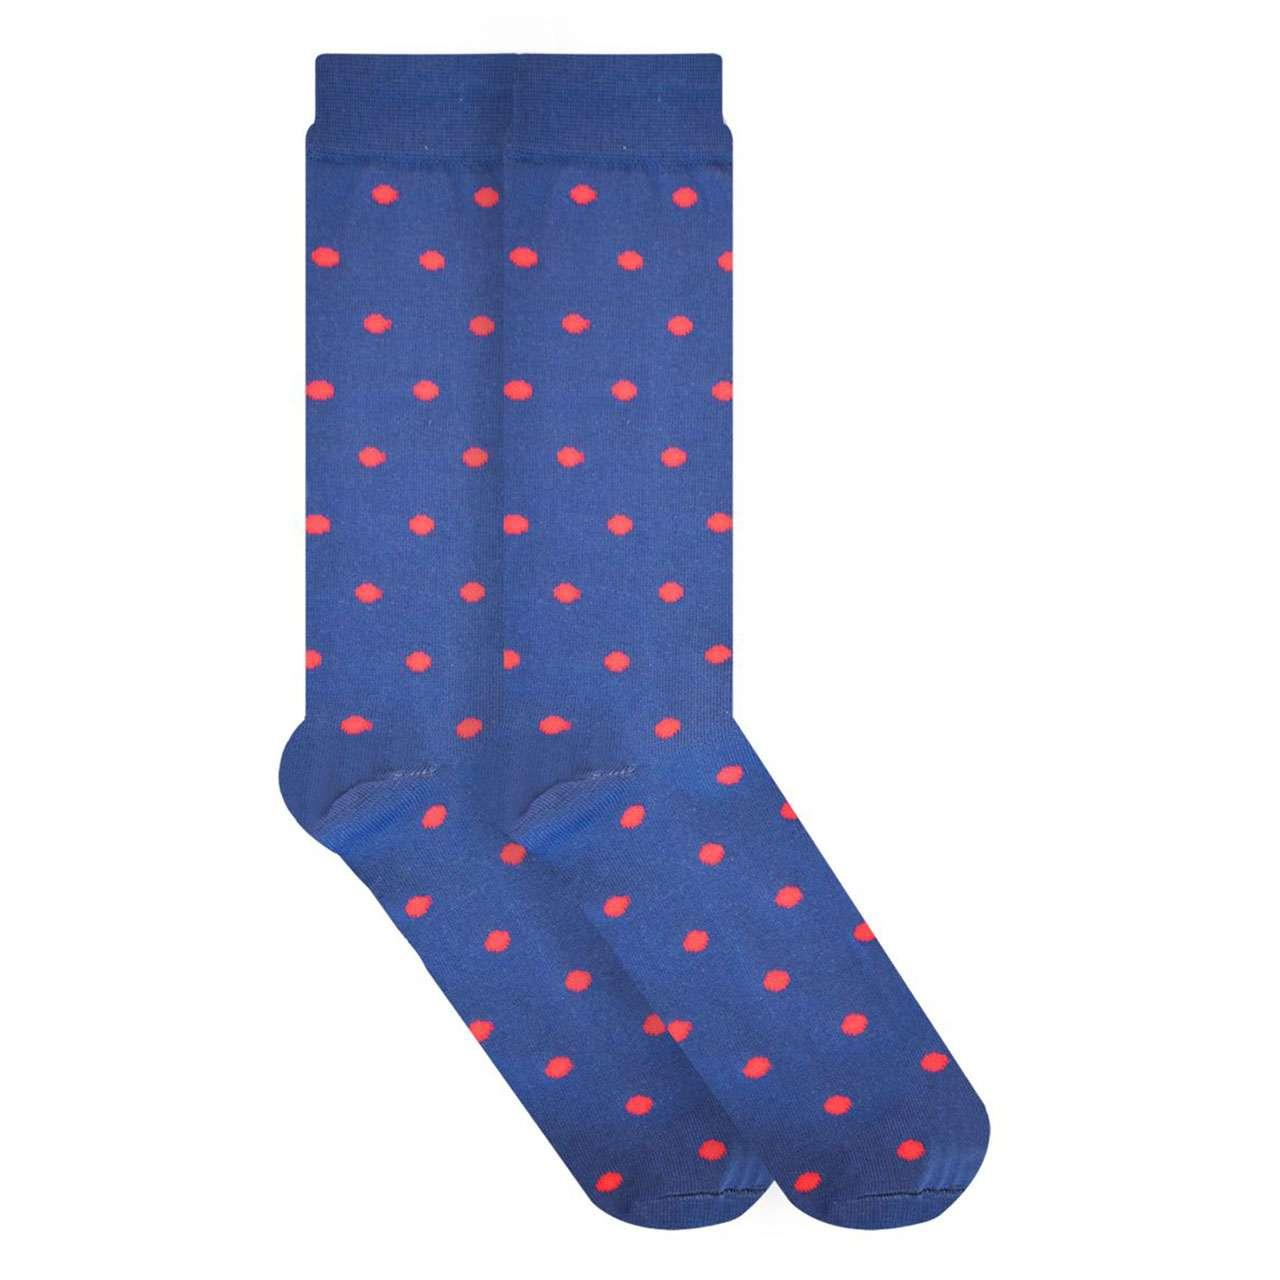 calcetin-azul-con-puntos-skunk-socks